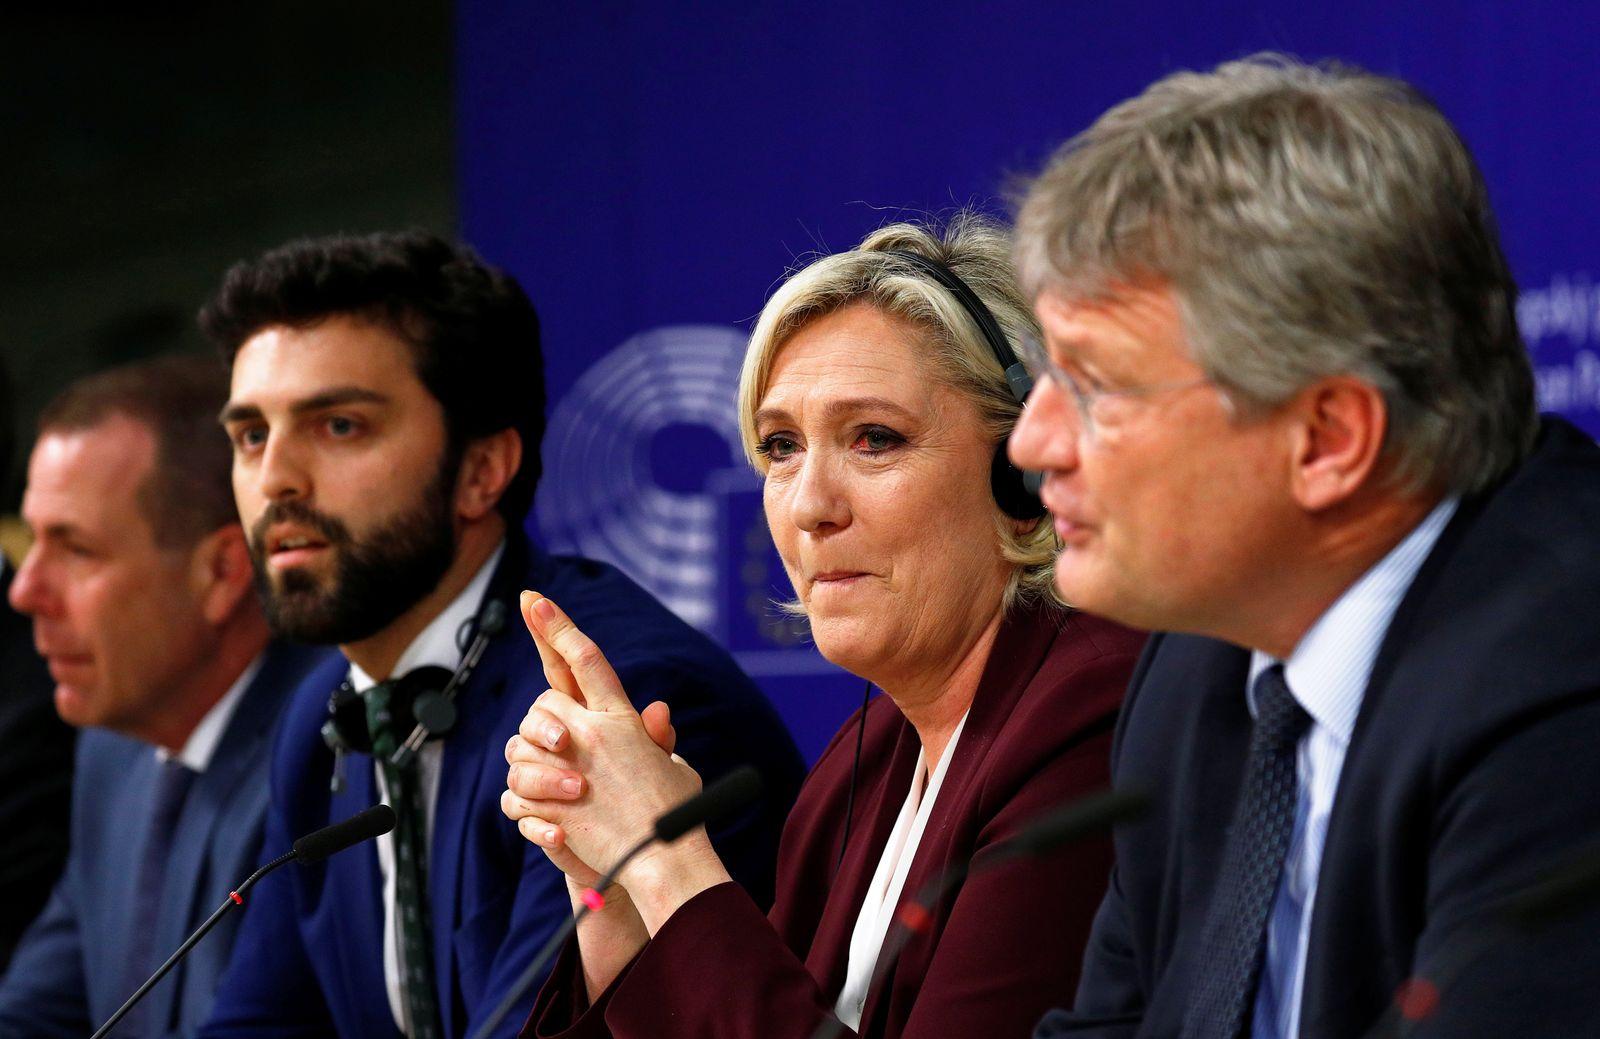 Meuthen Le Pen